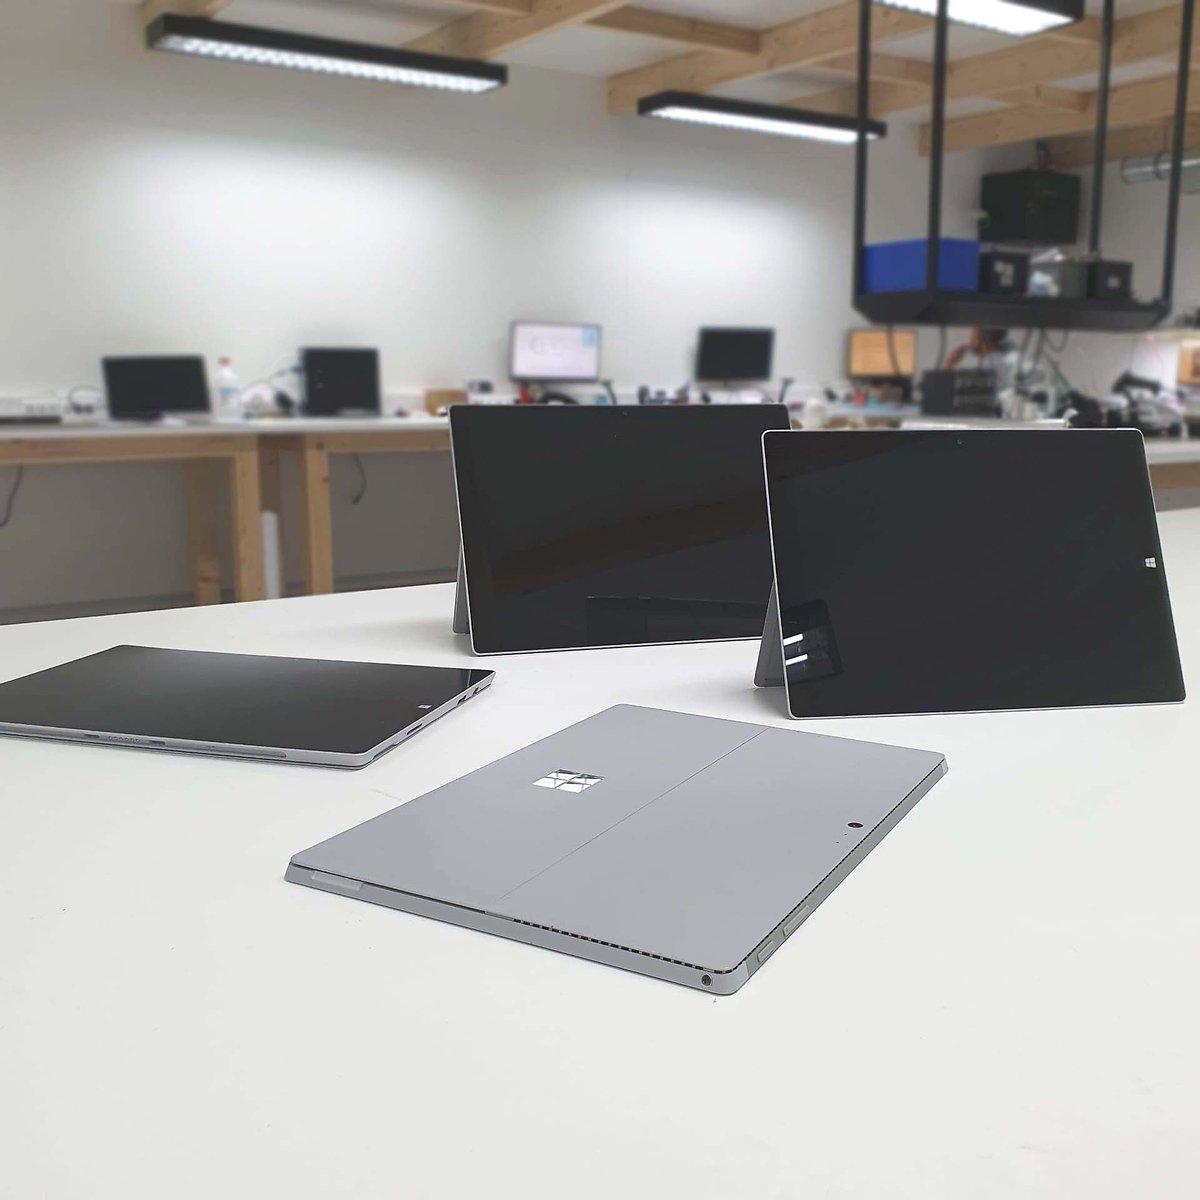 Possuímos Técnicos especializados em reparação em série de Microsoft Surface.  Consegue um orçamento grátis em http://www.ptelemoveis.pt | 244001251 | suporte@ptelemoveis.pt  #economiacircular #surface #microsoftrepair #orçamento #reparaçãopic.twitter.com/GCi2Nf0sCN